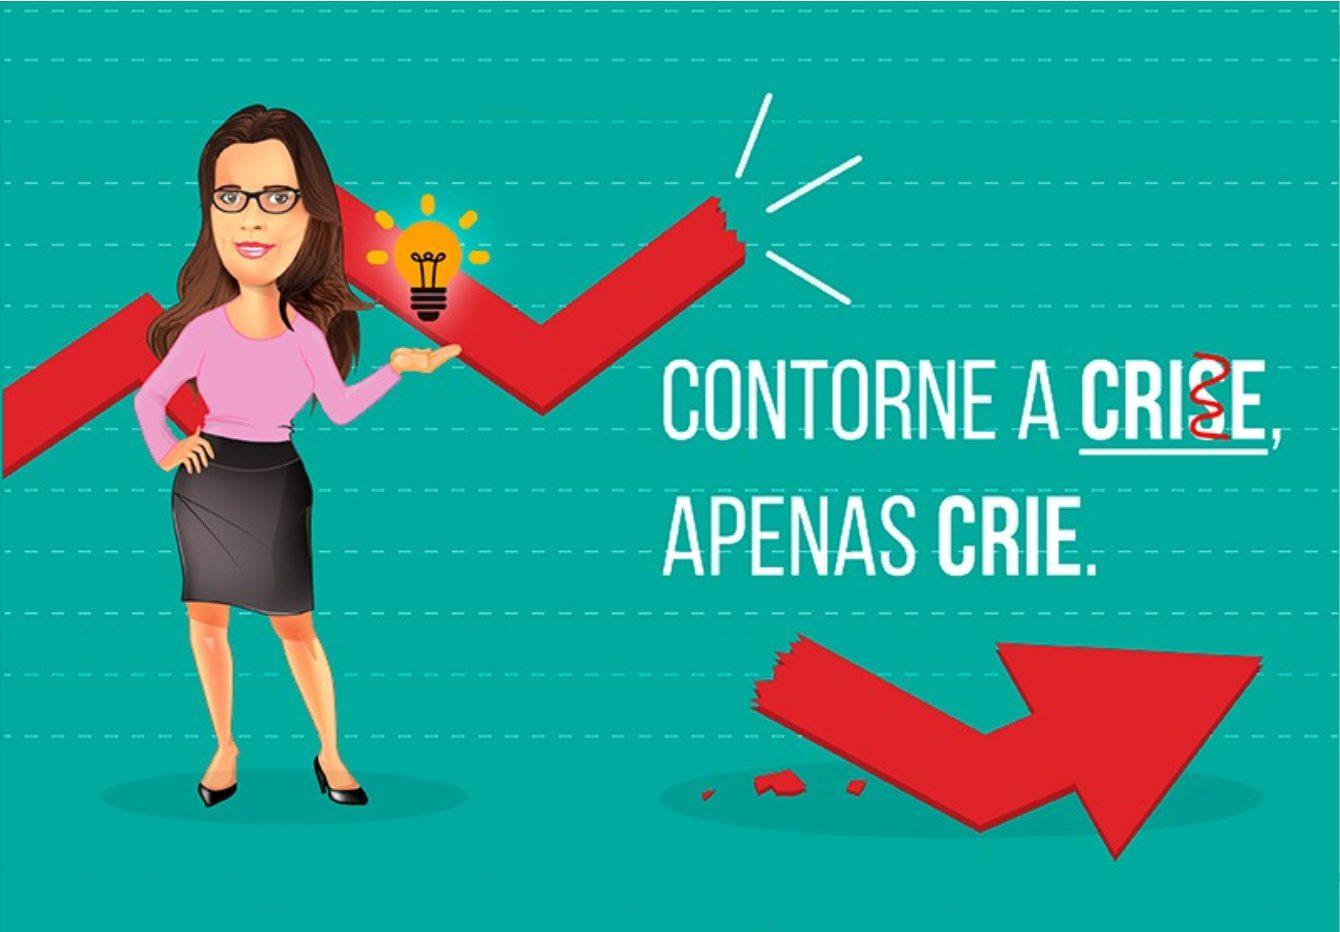 Como você encara a crise? BG Comunicação e Marketing